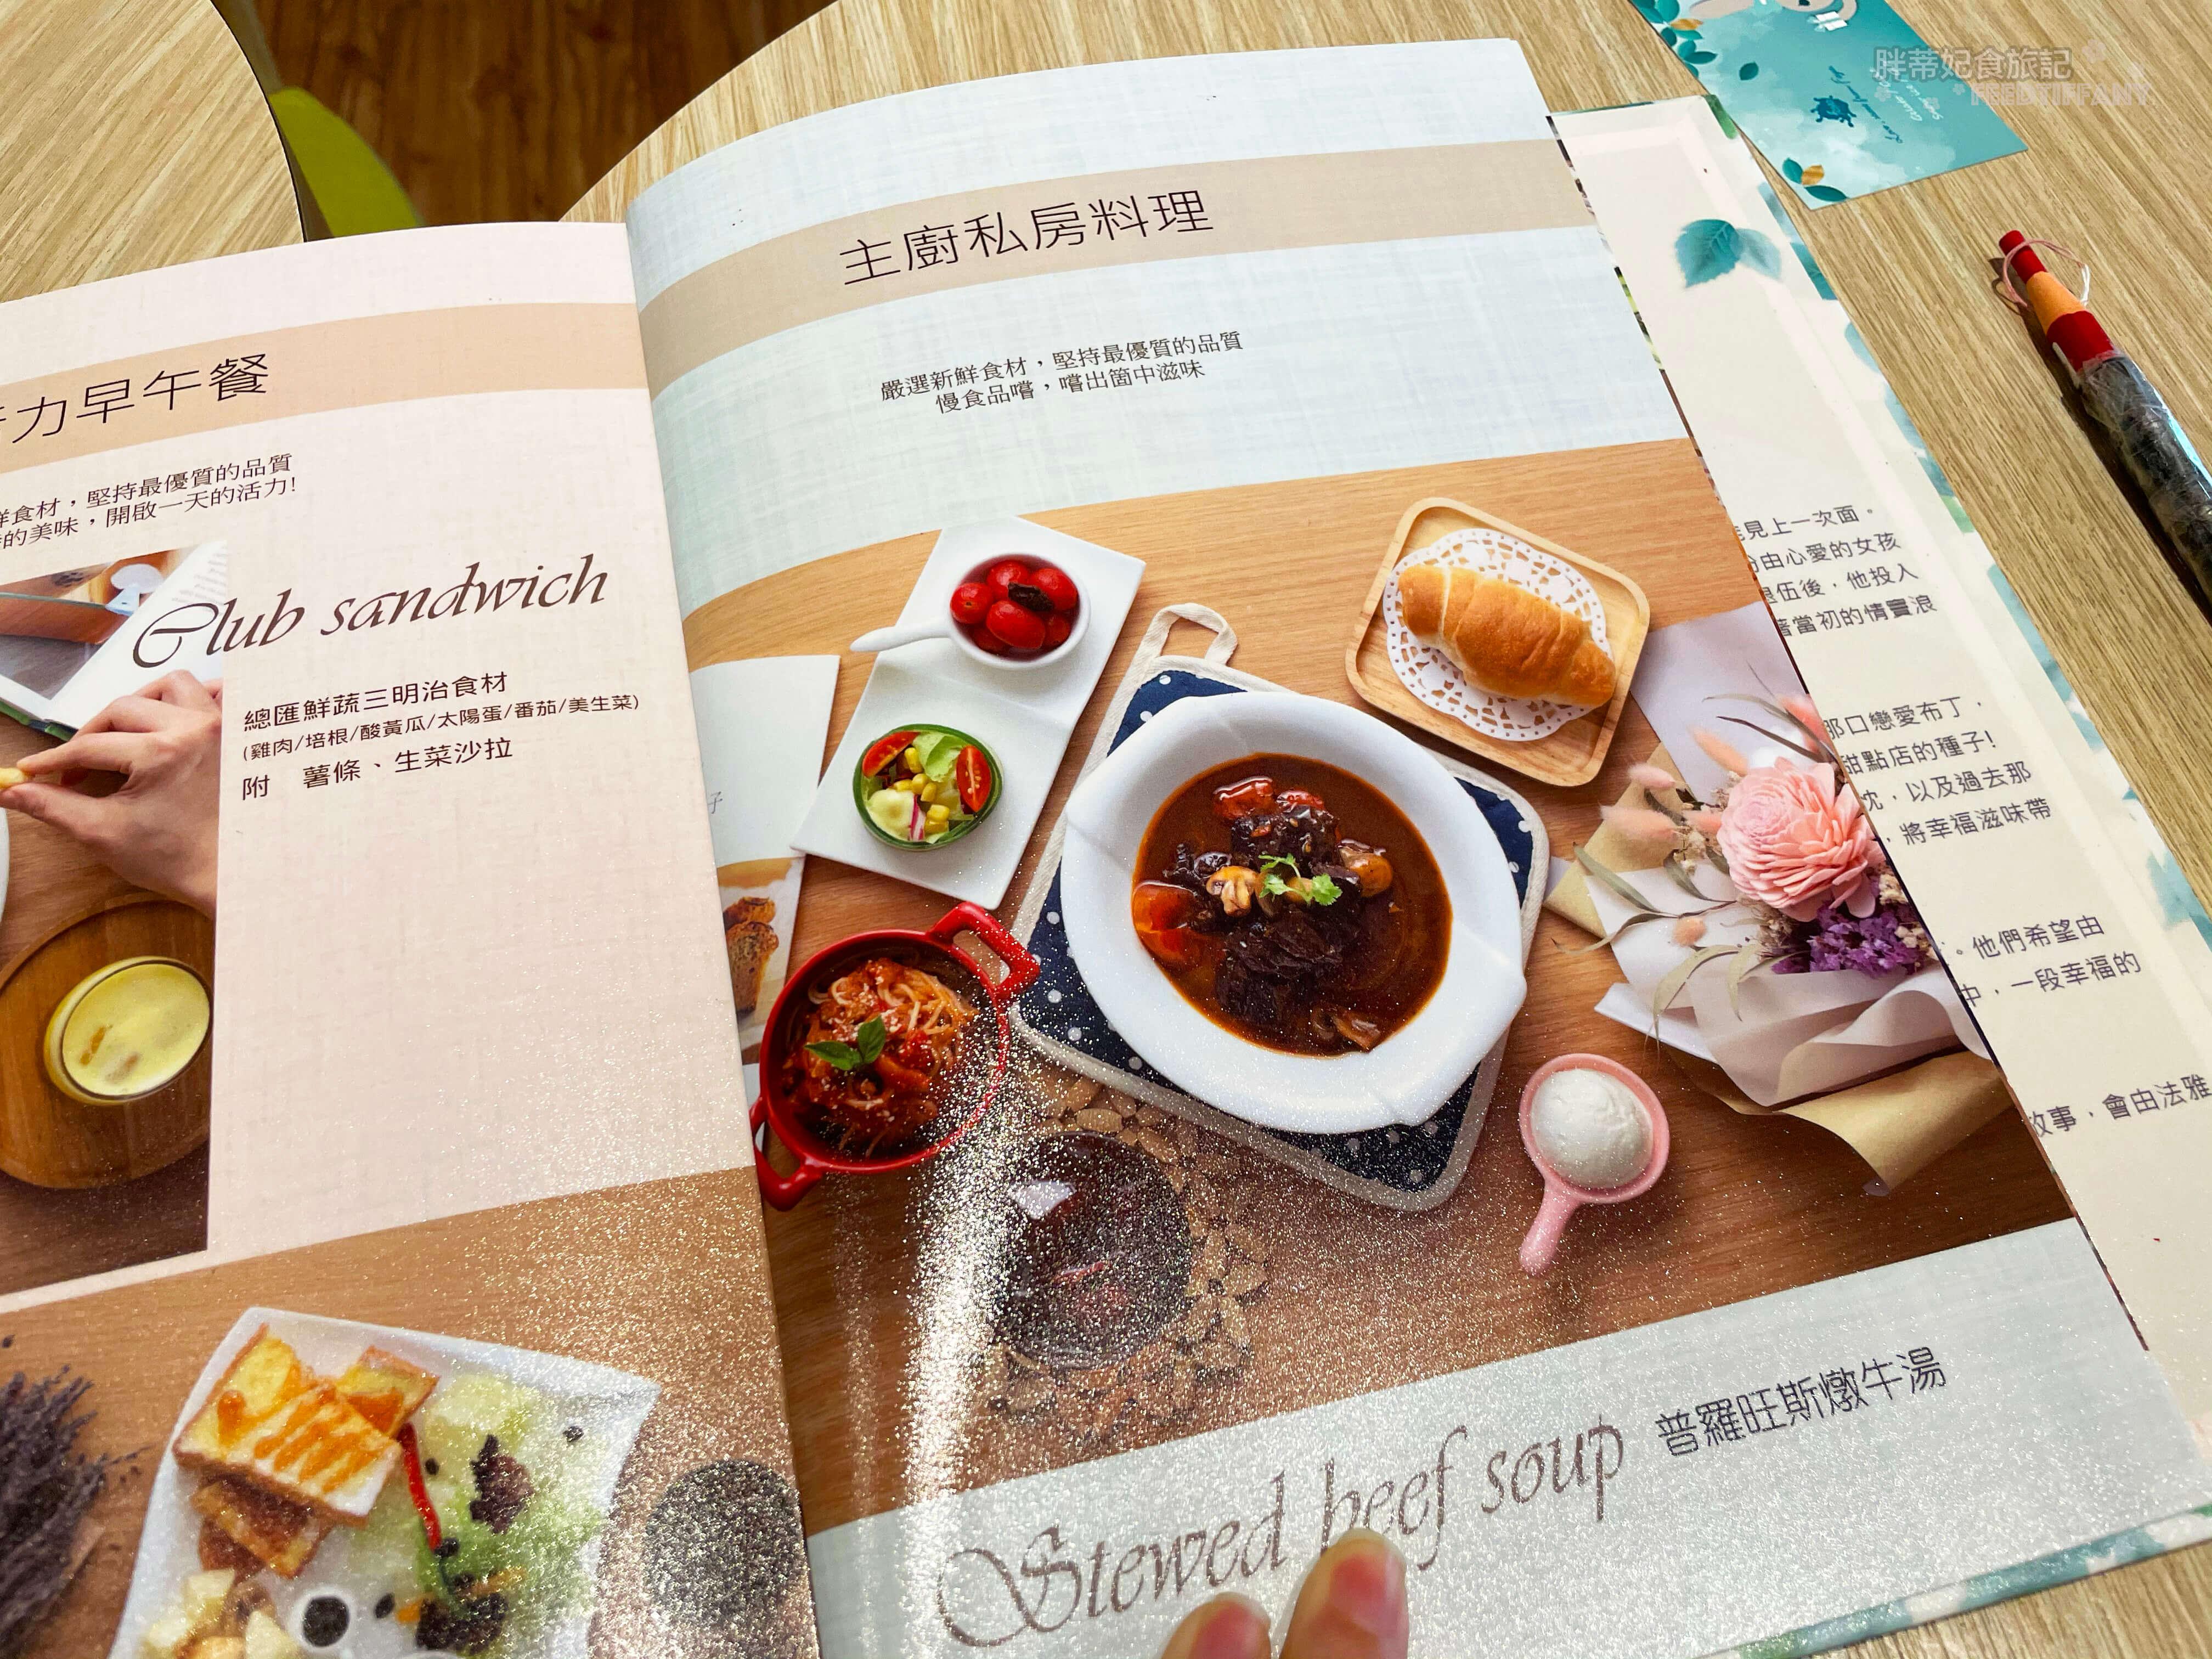 法雅餐廳 餐廳菜單